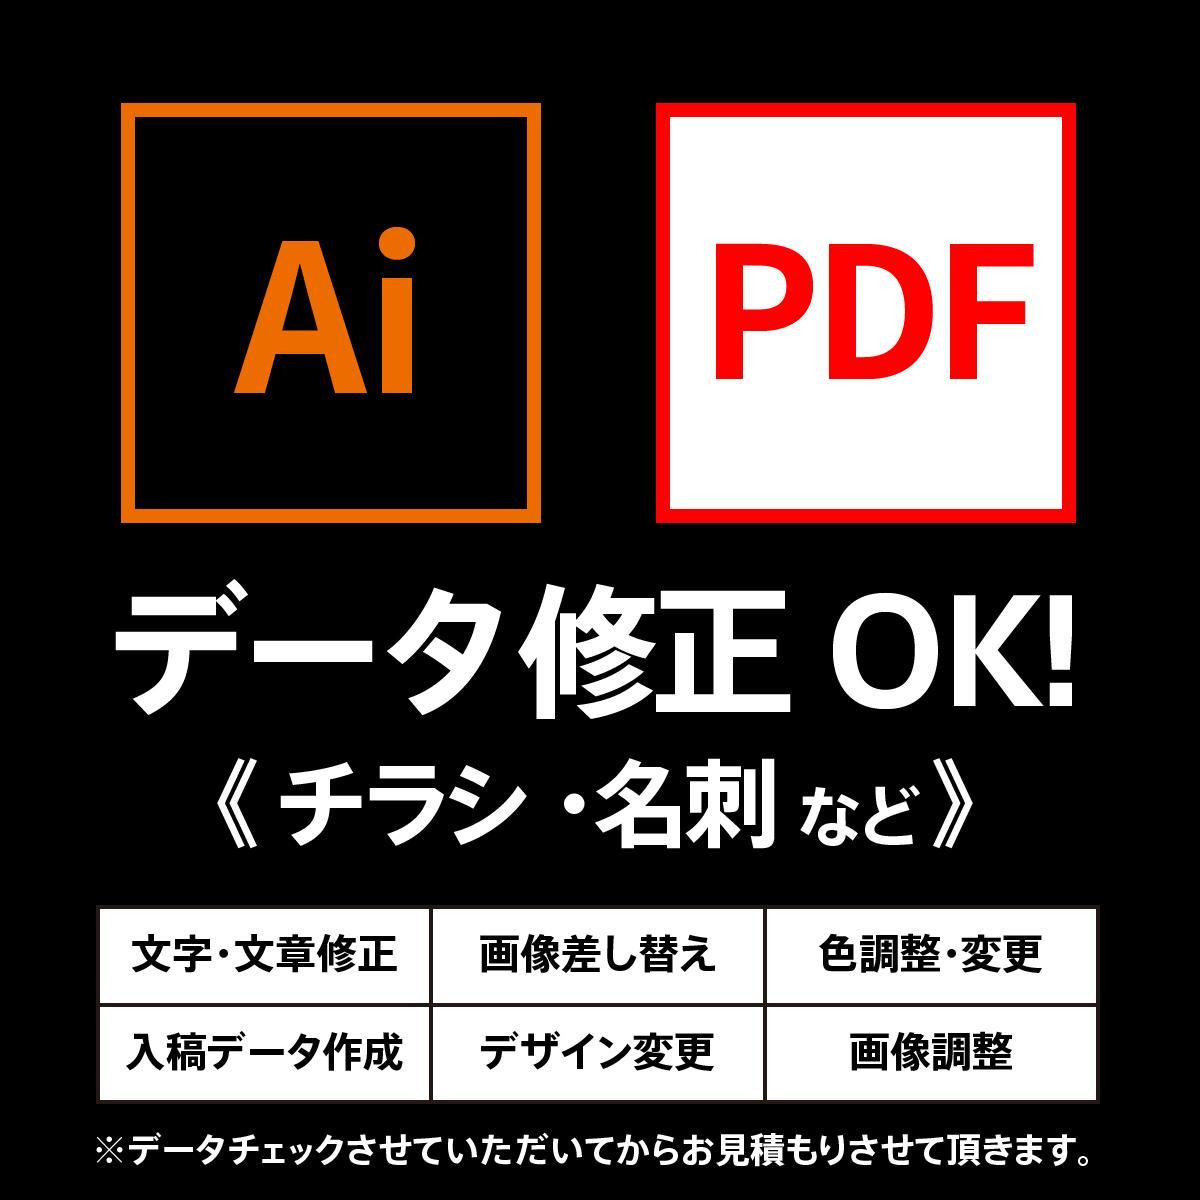 イラストレーター・pdfデータ修正できます 修正・訂正でお困りの方一度、お気軽にお尋ねください。 イメージ1